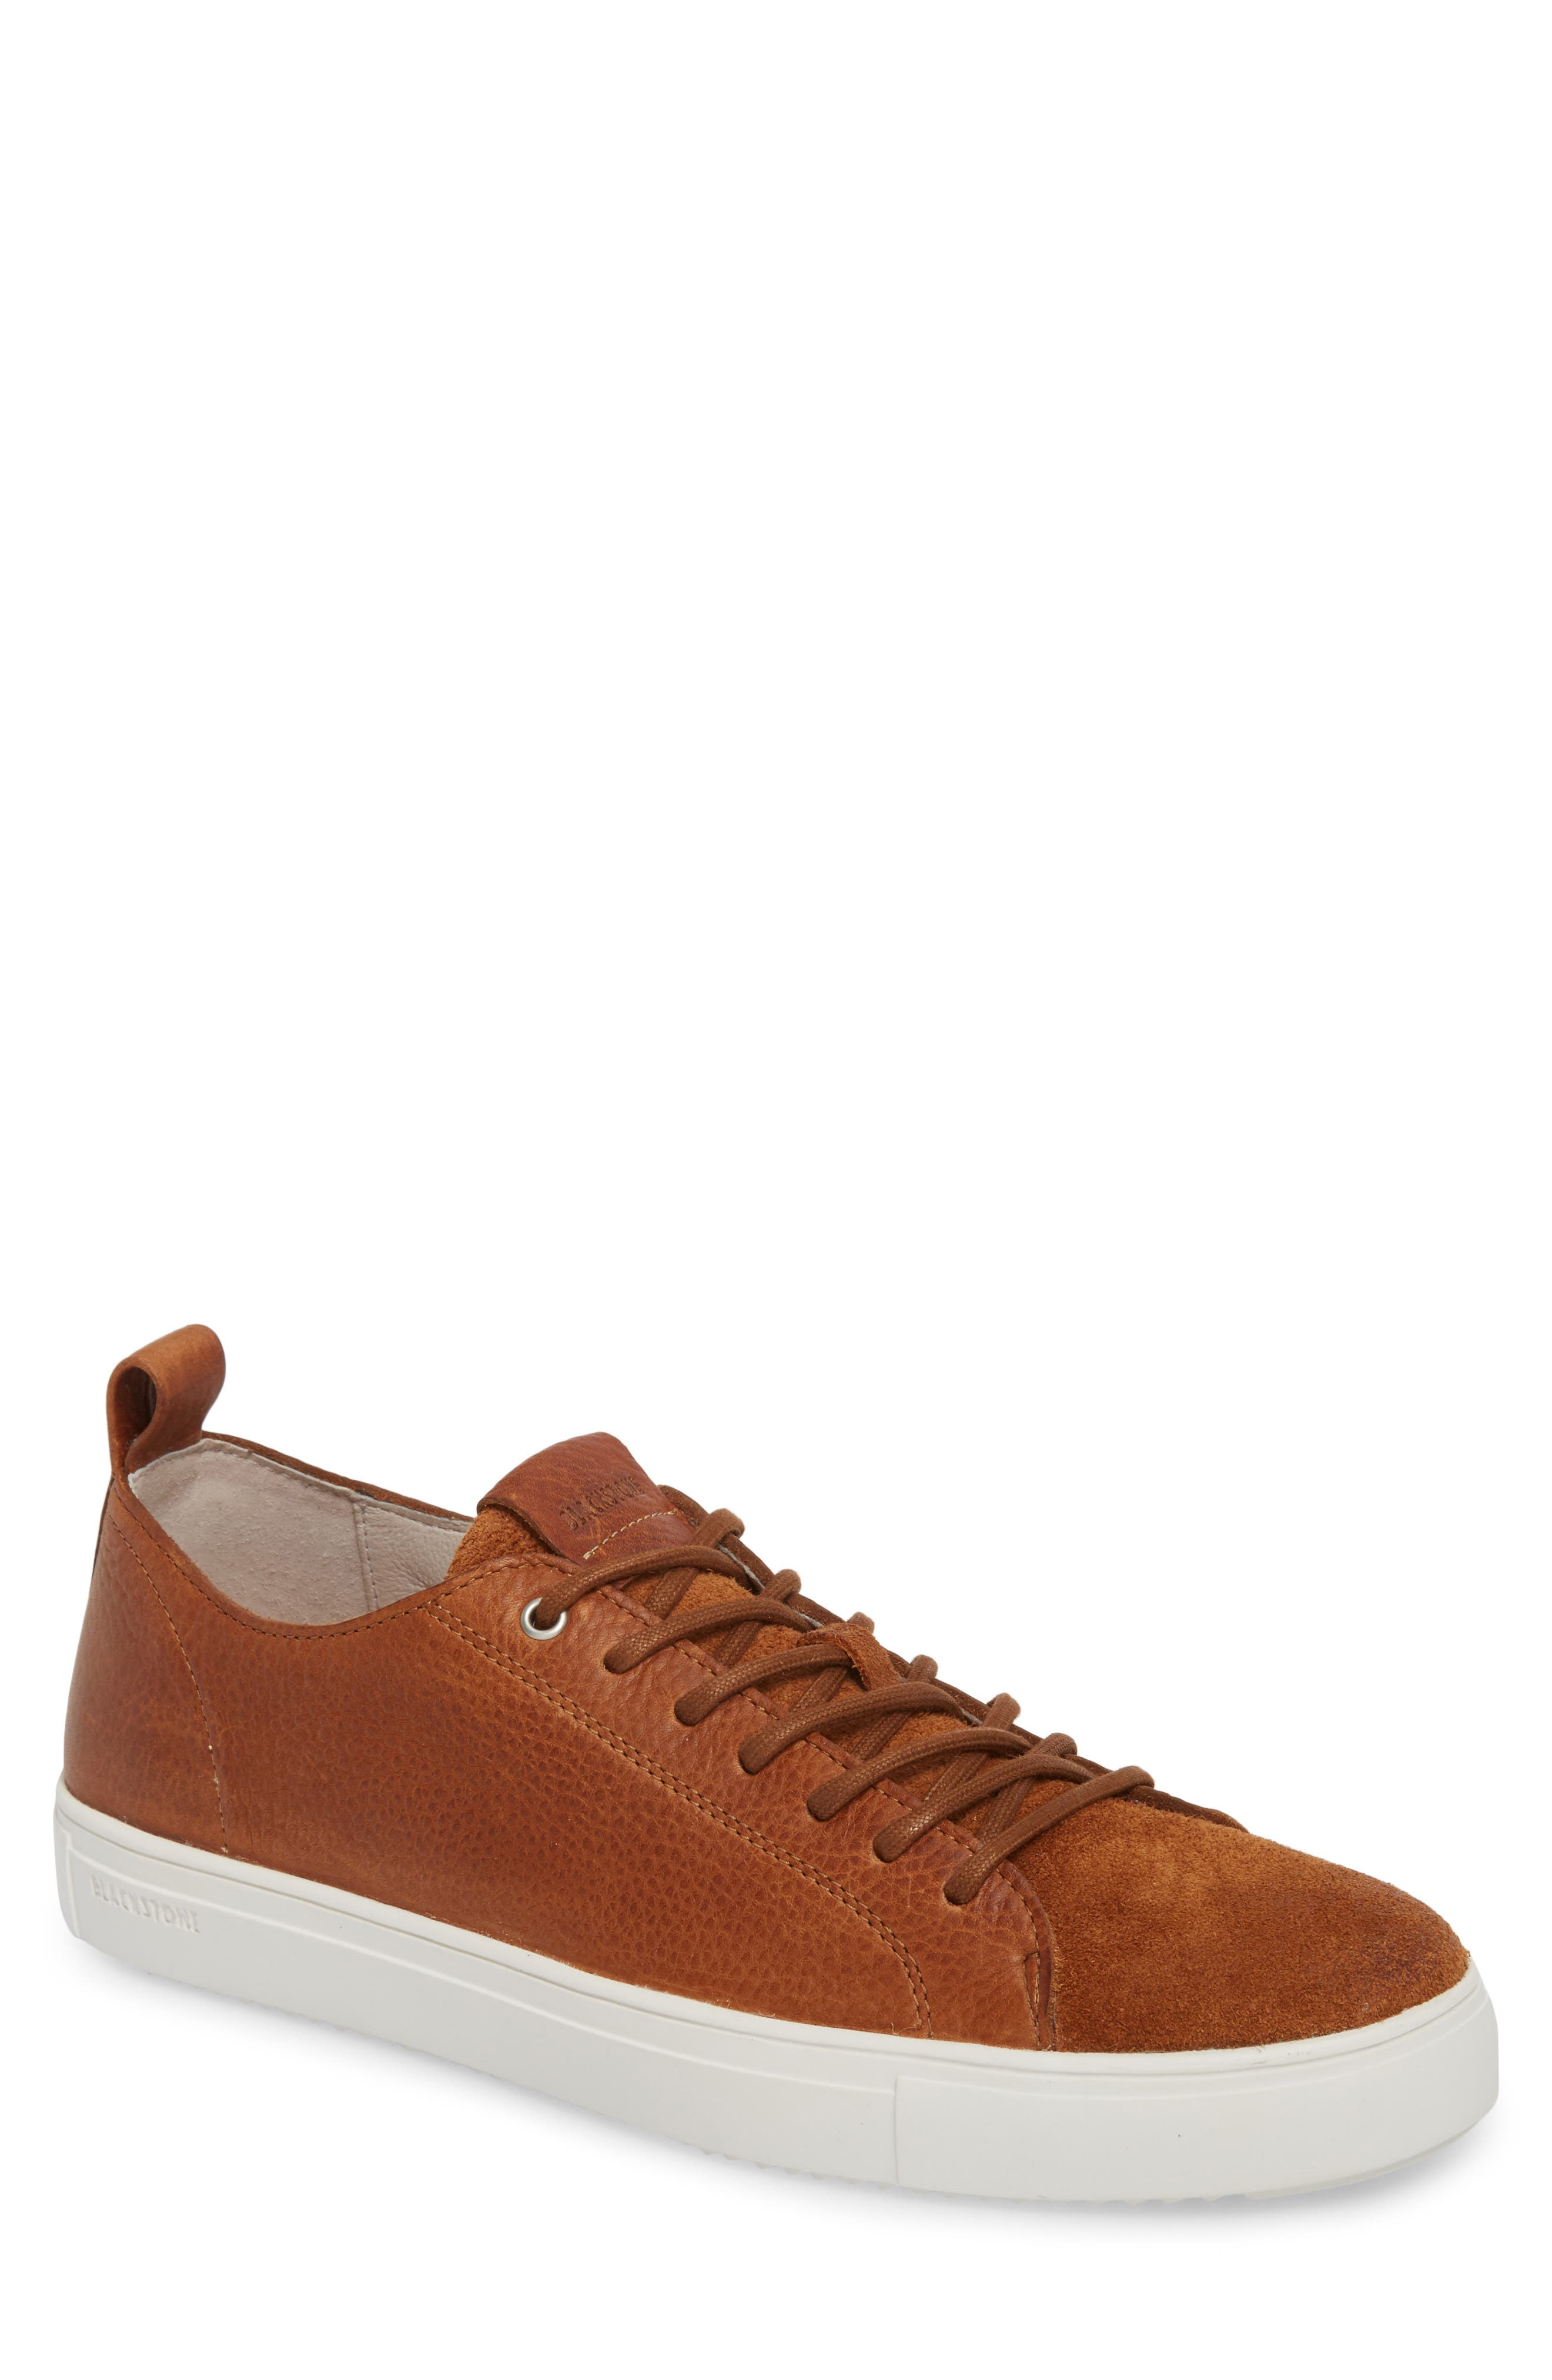 Main Image - Blackstone PM46 Low Top Sneaker (Men)